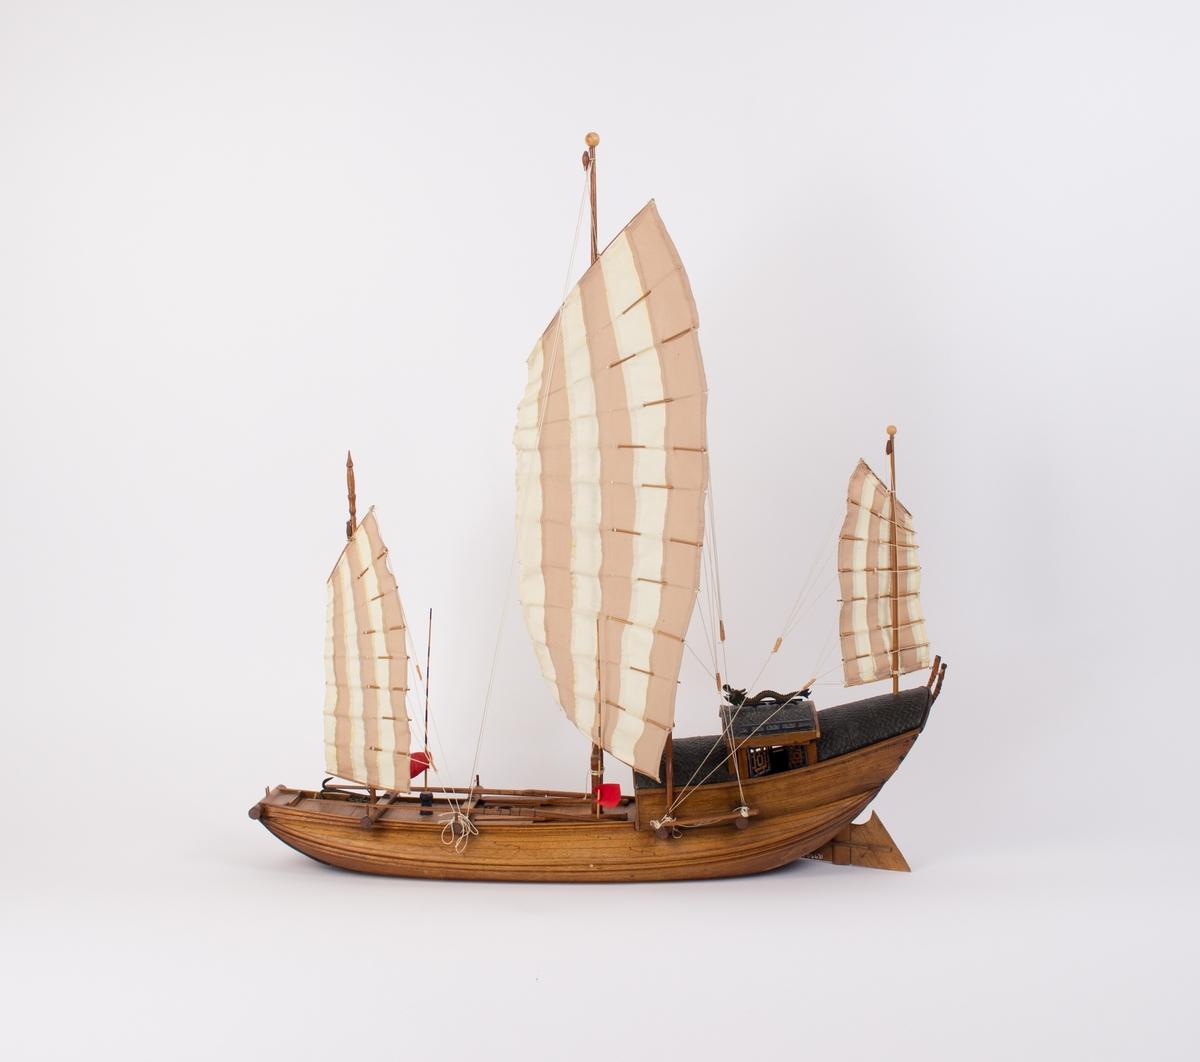 Modell av kinesisk djunke med tre master og segl.